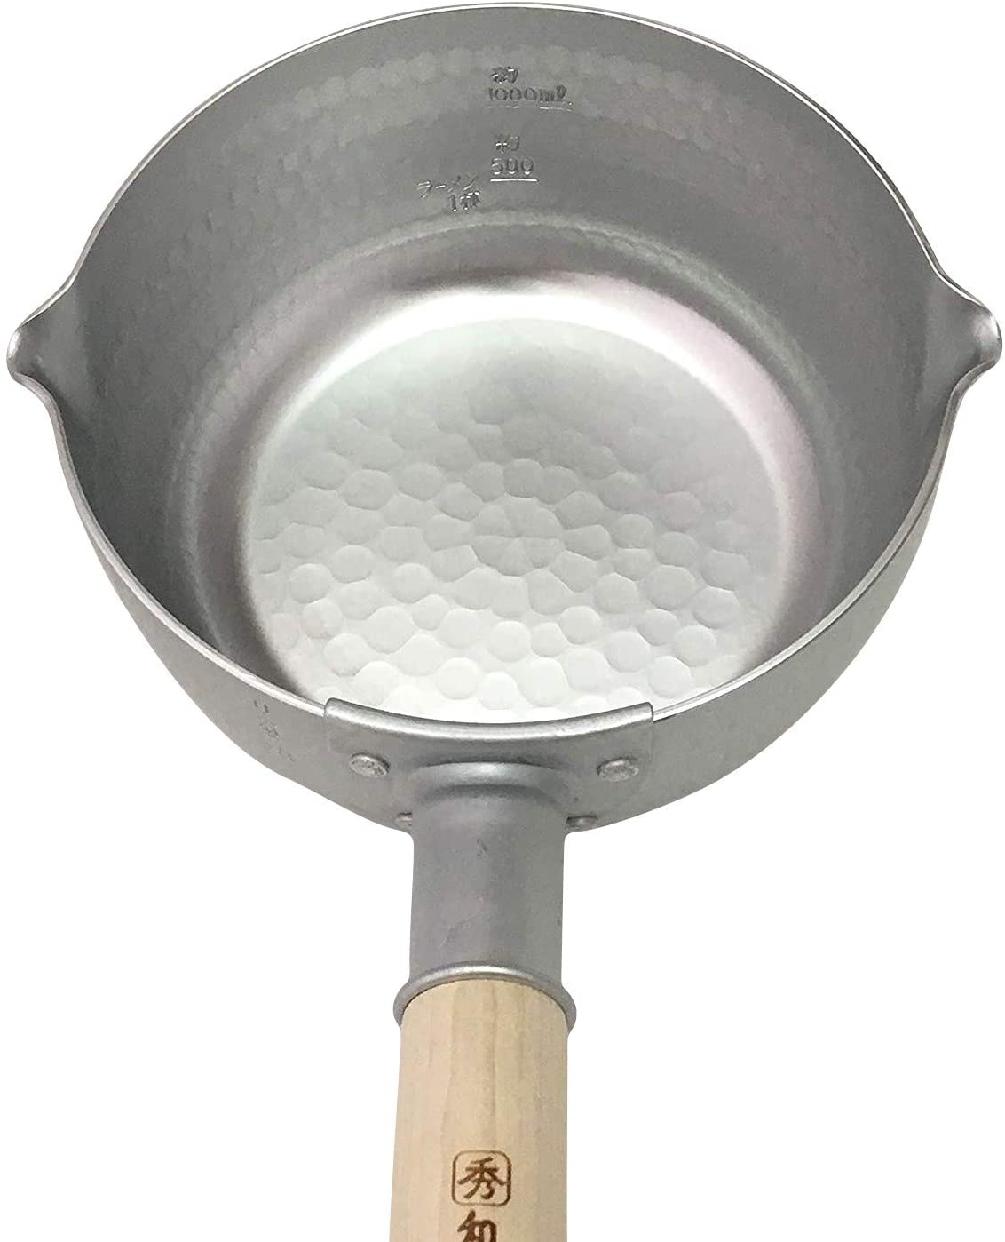 和の職人 ガス火 秀華ゆきひら鍋 深型ゆきひら鍋 18cm シルバーの商品画像5